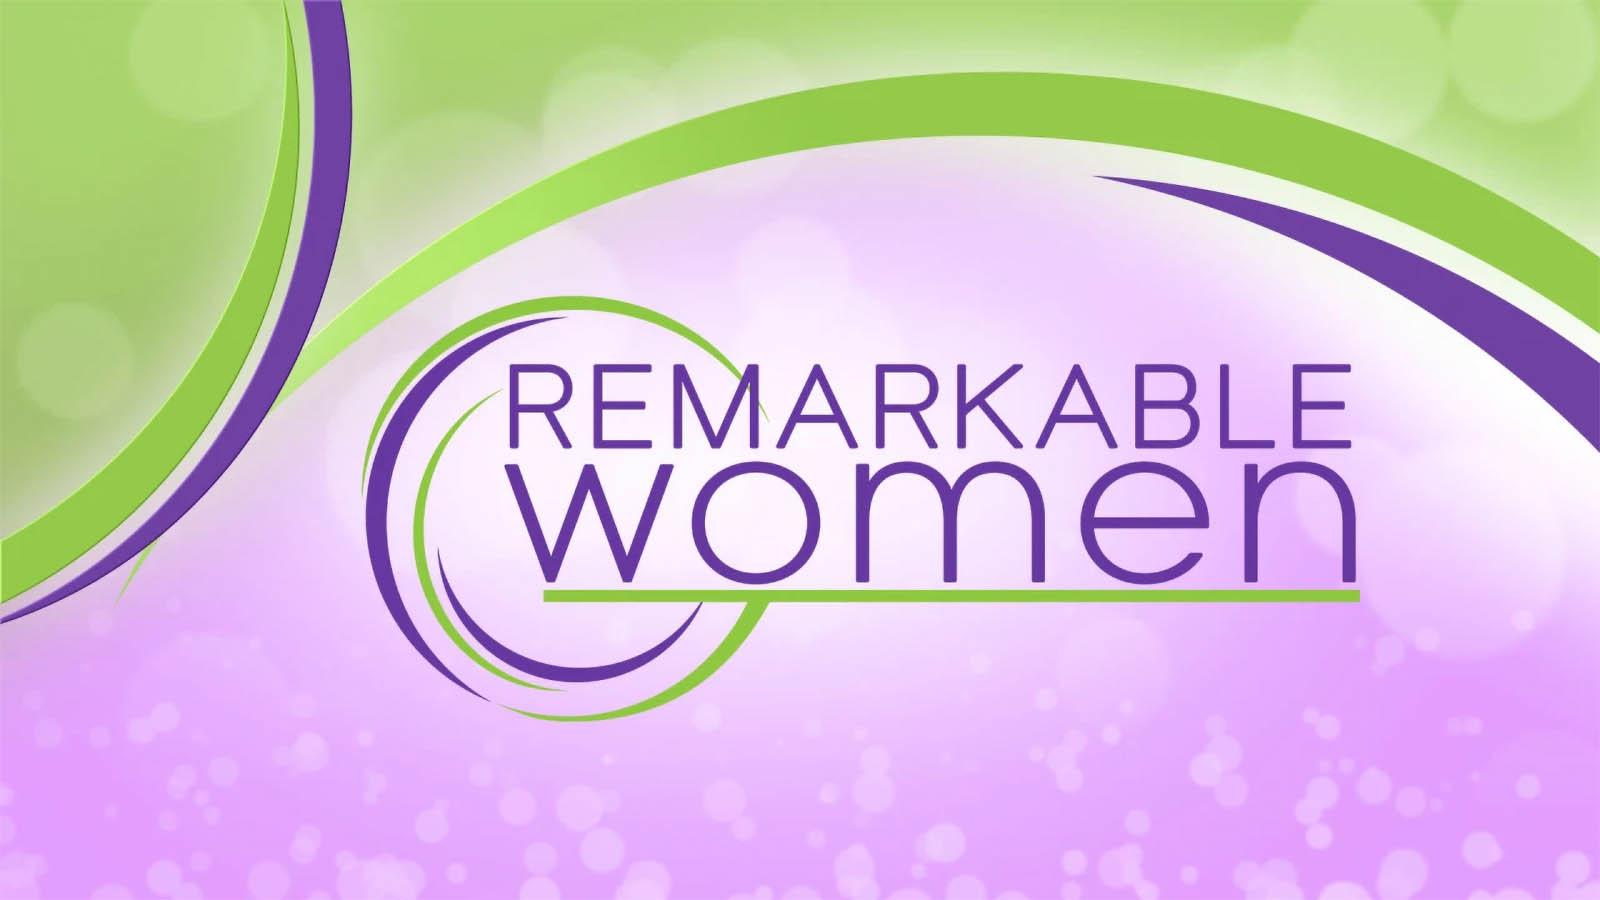 Remarkable Women News 19